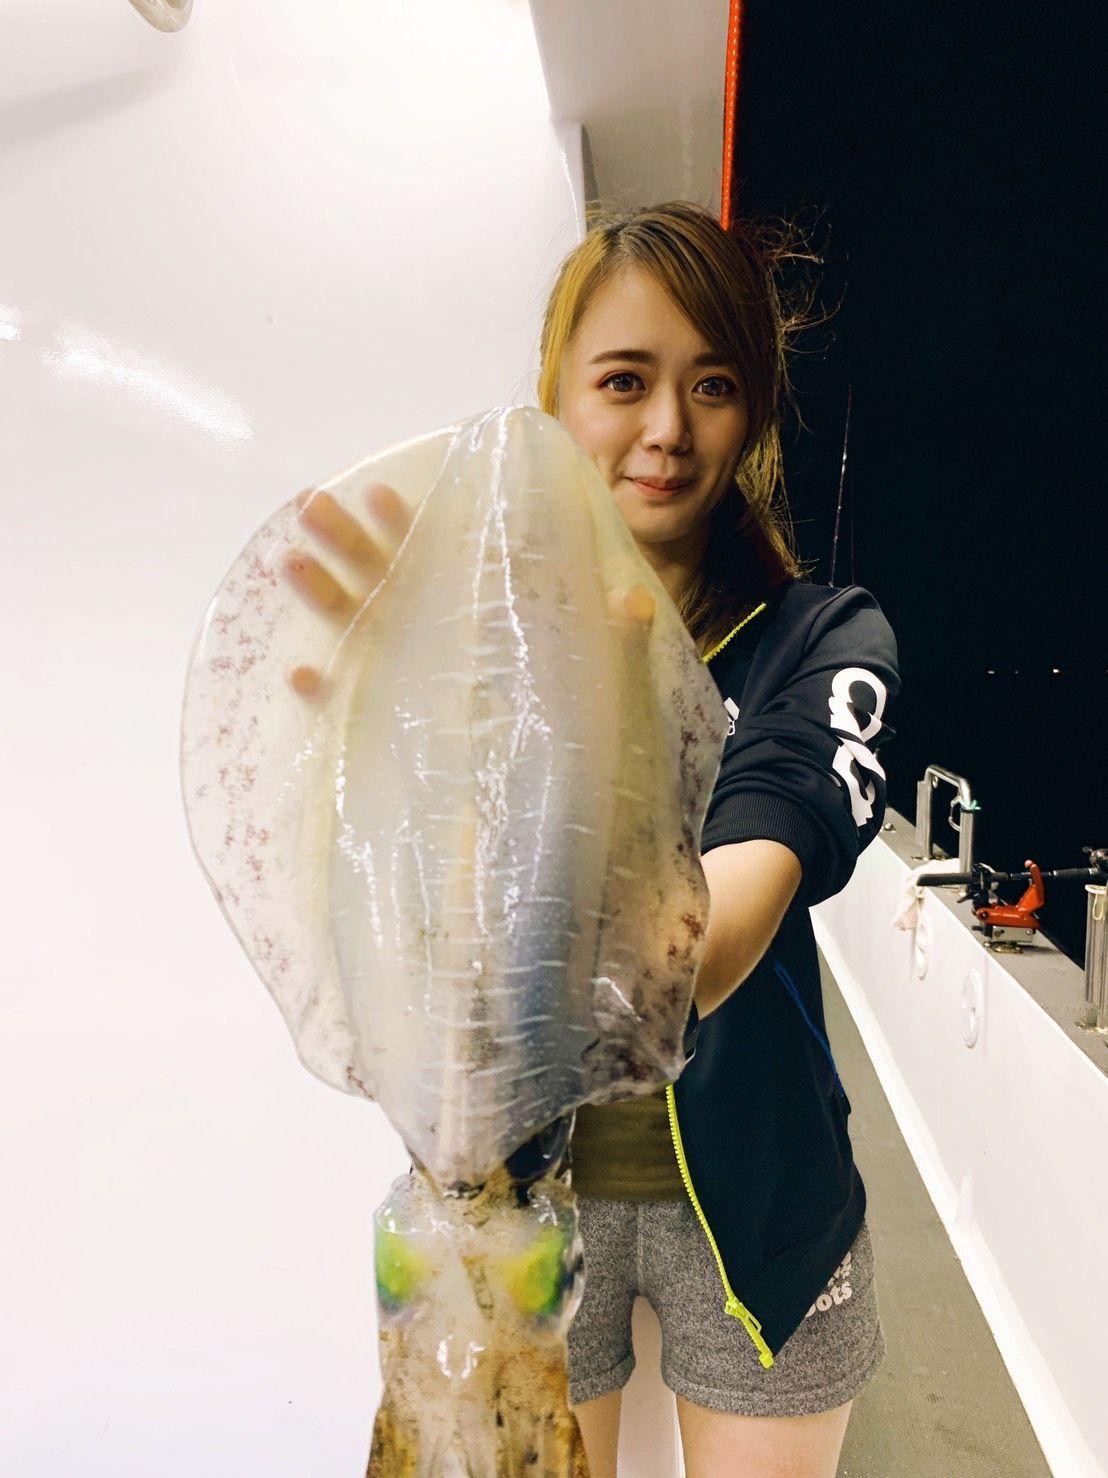 影/人美心善!她釣到不到20公分的小軟絲 說BYE BYE放回